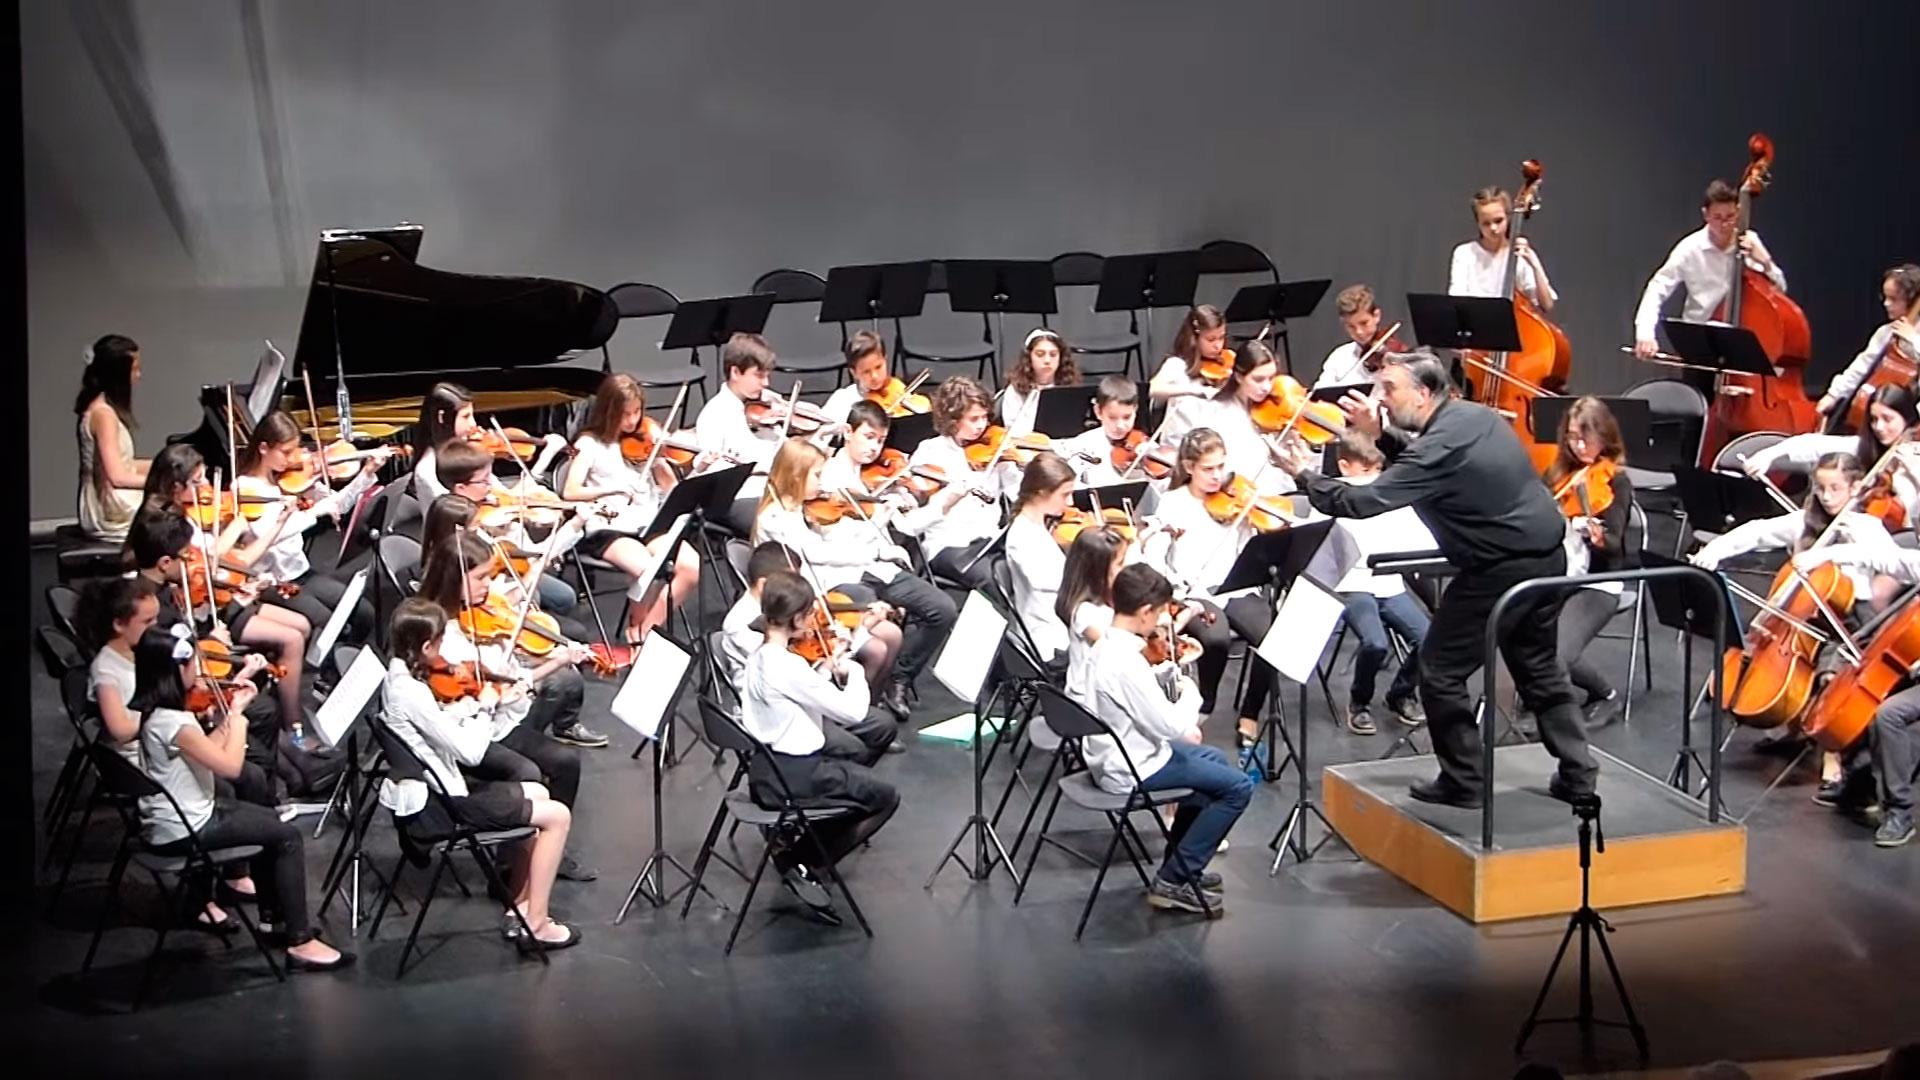 La OSG celebrará el día de la música con su Orquesta de Niños, los tres coros y grupos de Abanca ReSuena en una jornada de puertas abiertas el 21 de junio